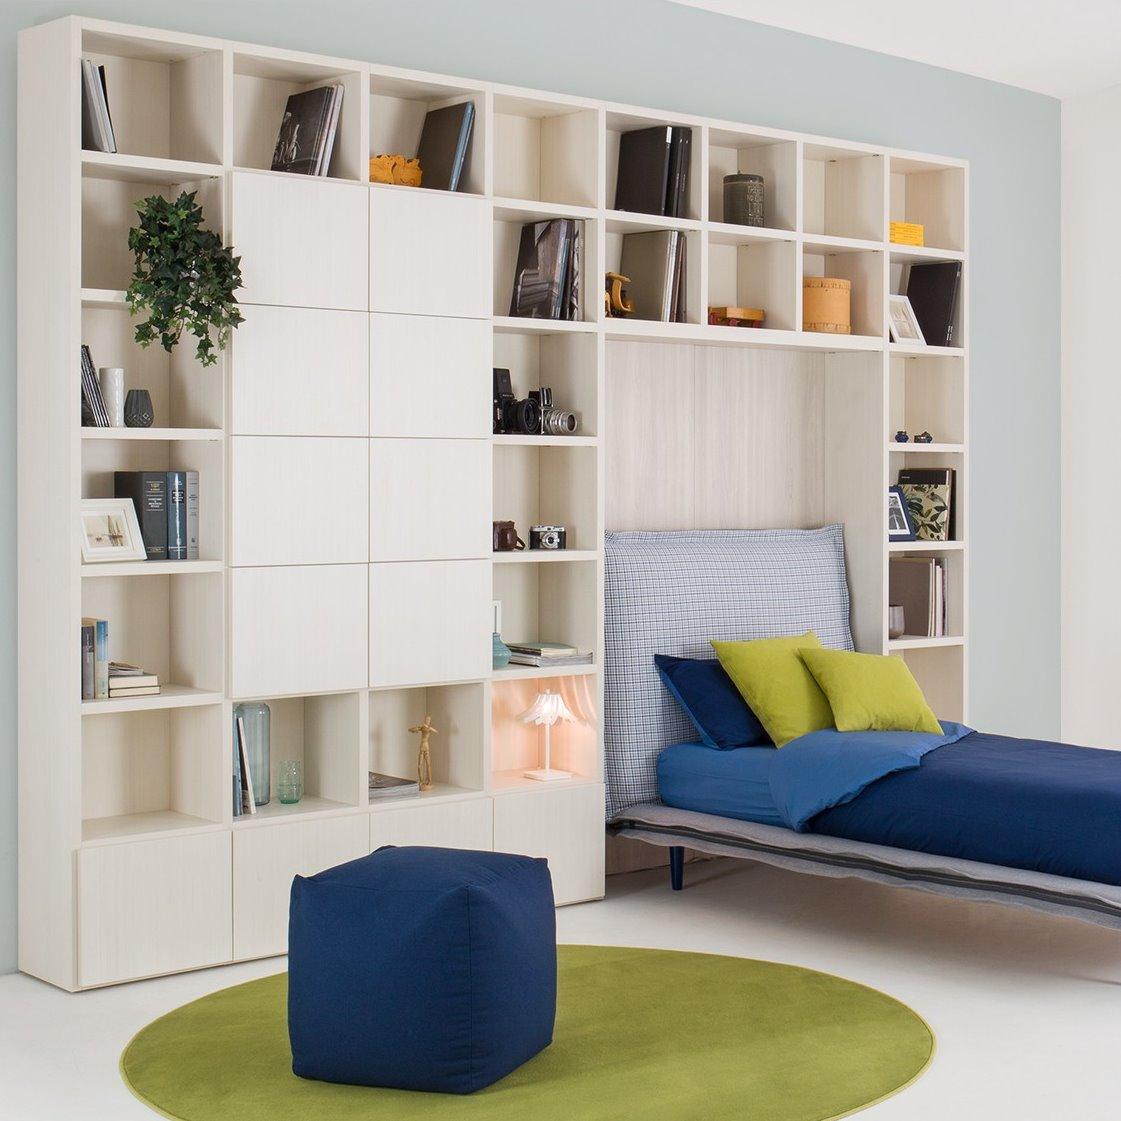 Mensole per soggiorno moderno mensole moderne per for Mensole alluminio ikea